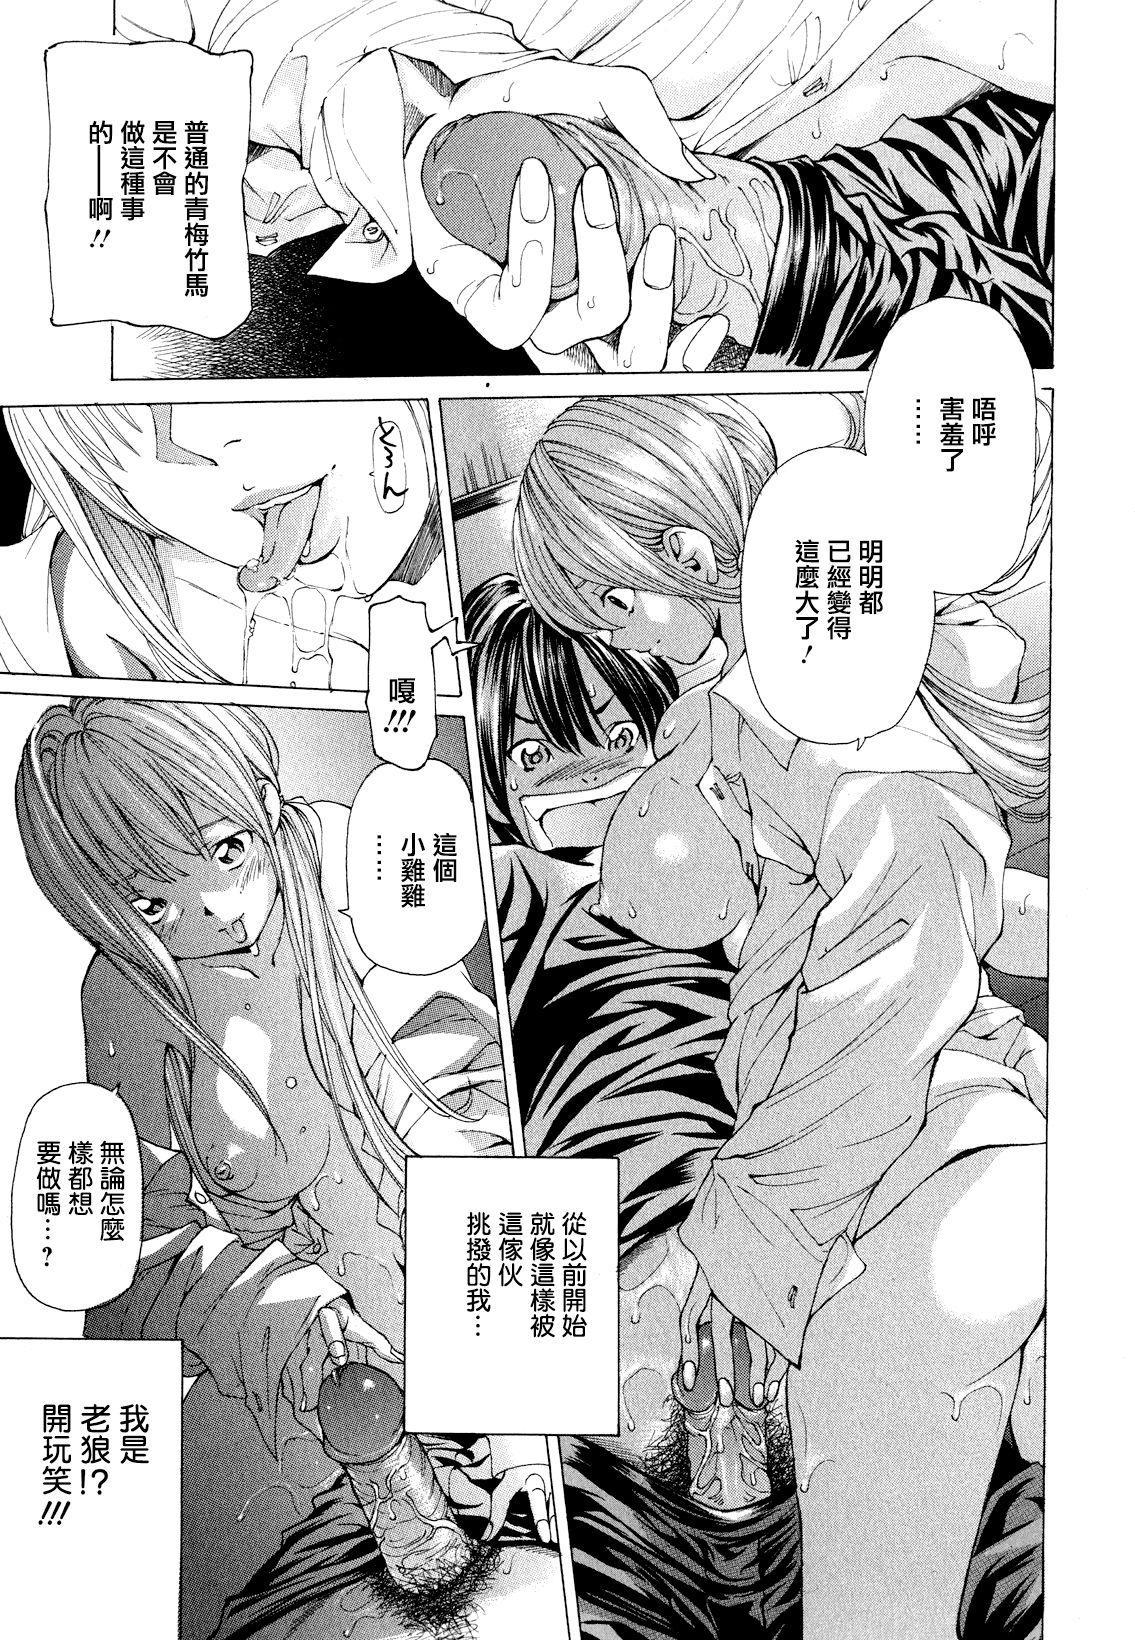 [Nohara Hiromi] Suhada-teki Bishoujo 1 -Watashi no Himitsu... Mitai? Hen- [Chinese] [紫色老太婆个人汉化] 135